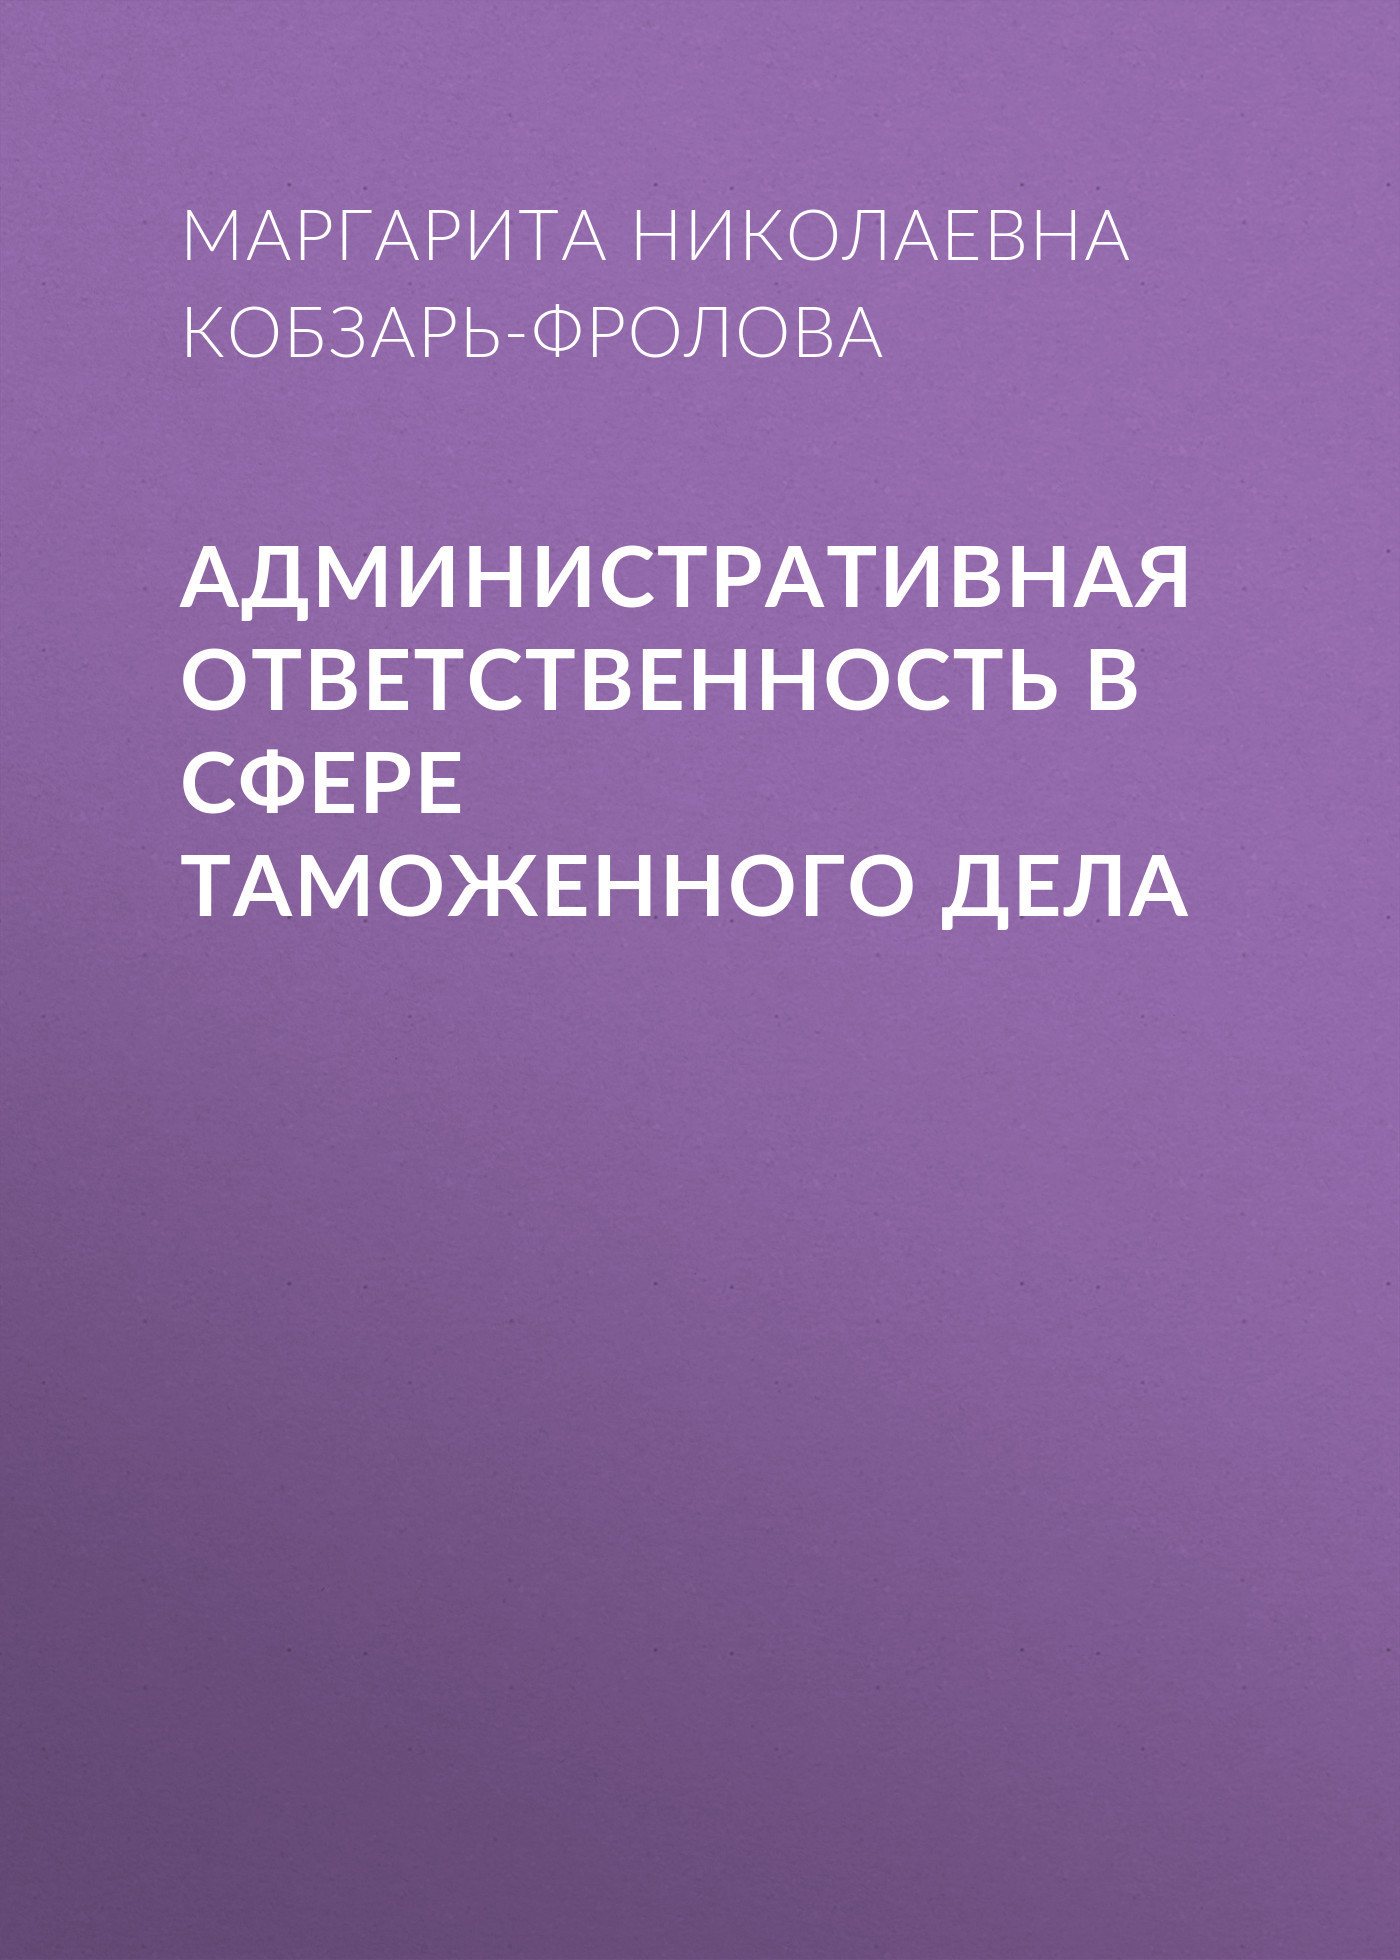 Маргарита Кобзарь-Фролова - Административная ответственность в сфере таможенного дела